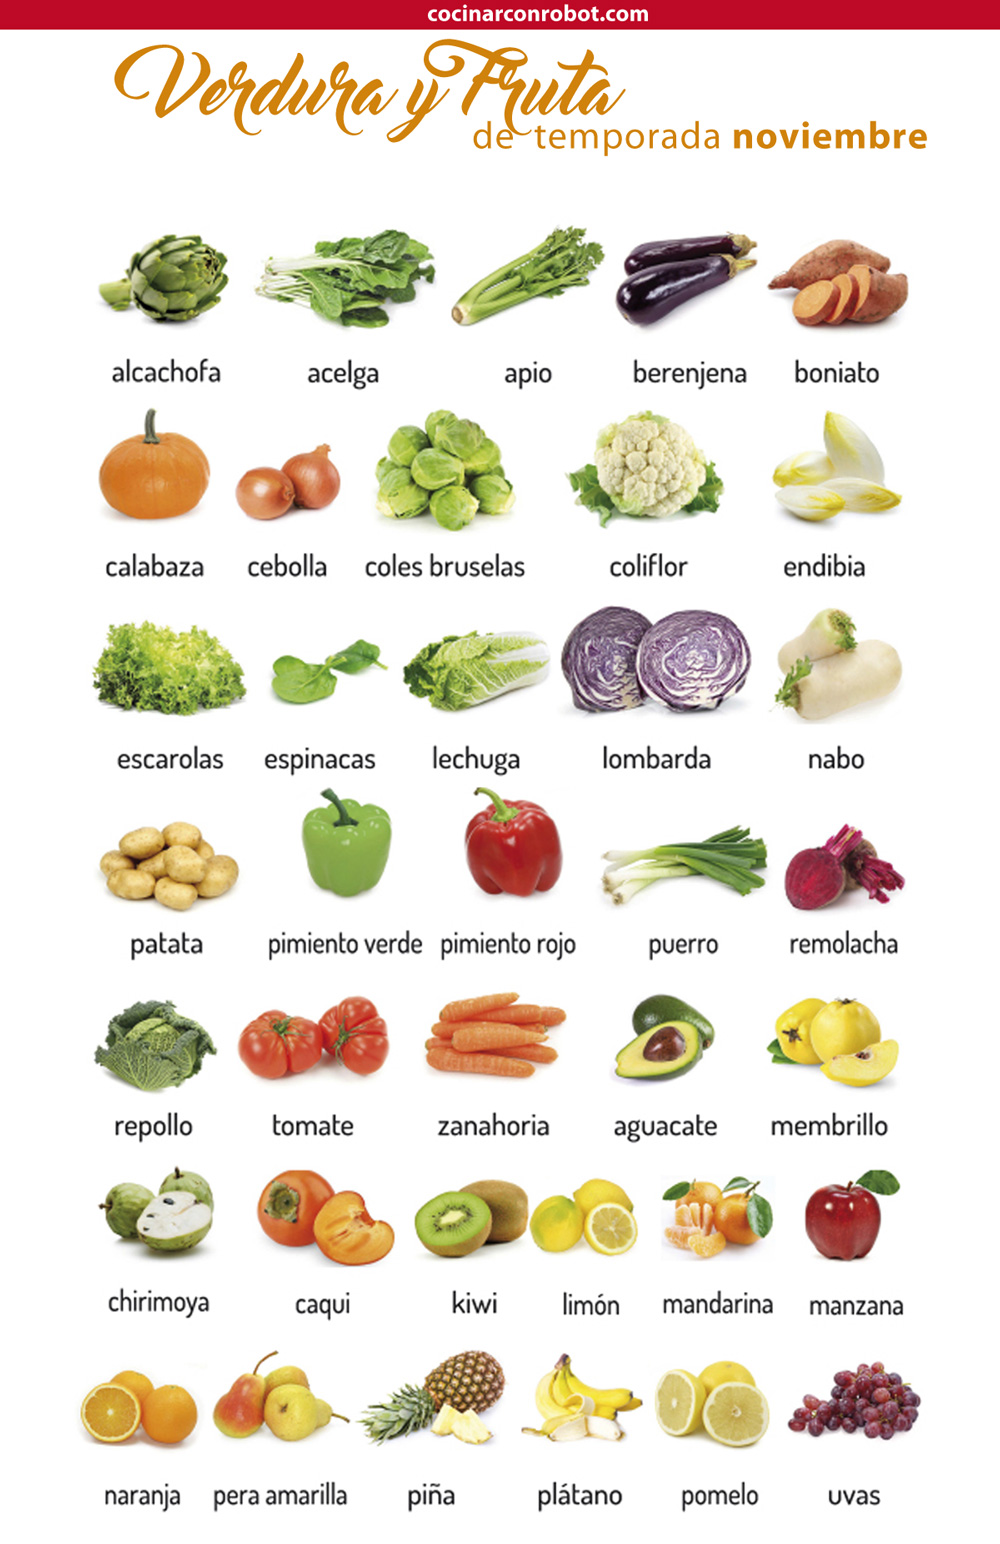 consume fruta y verdura de temporada en noviembre